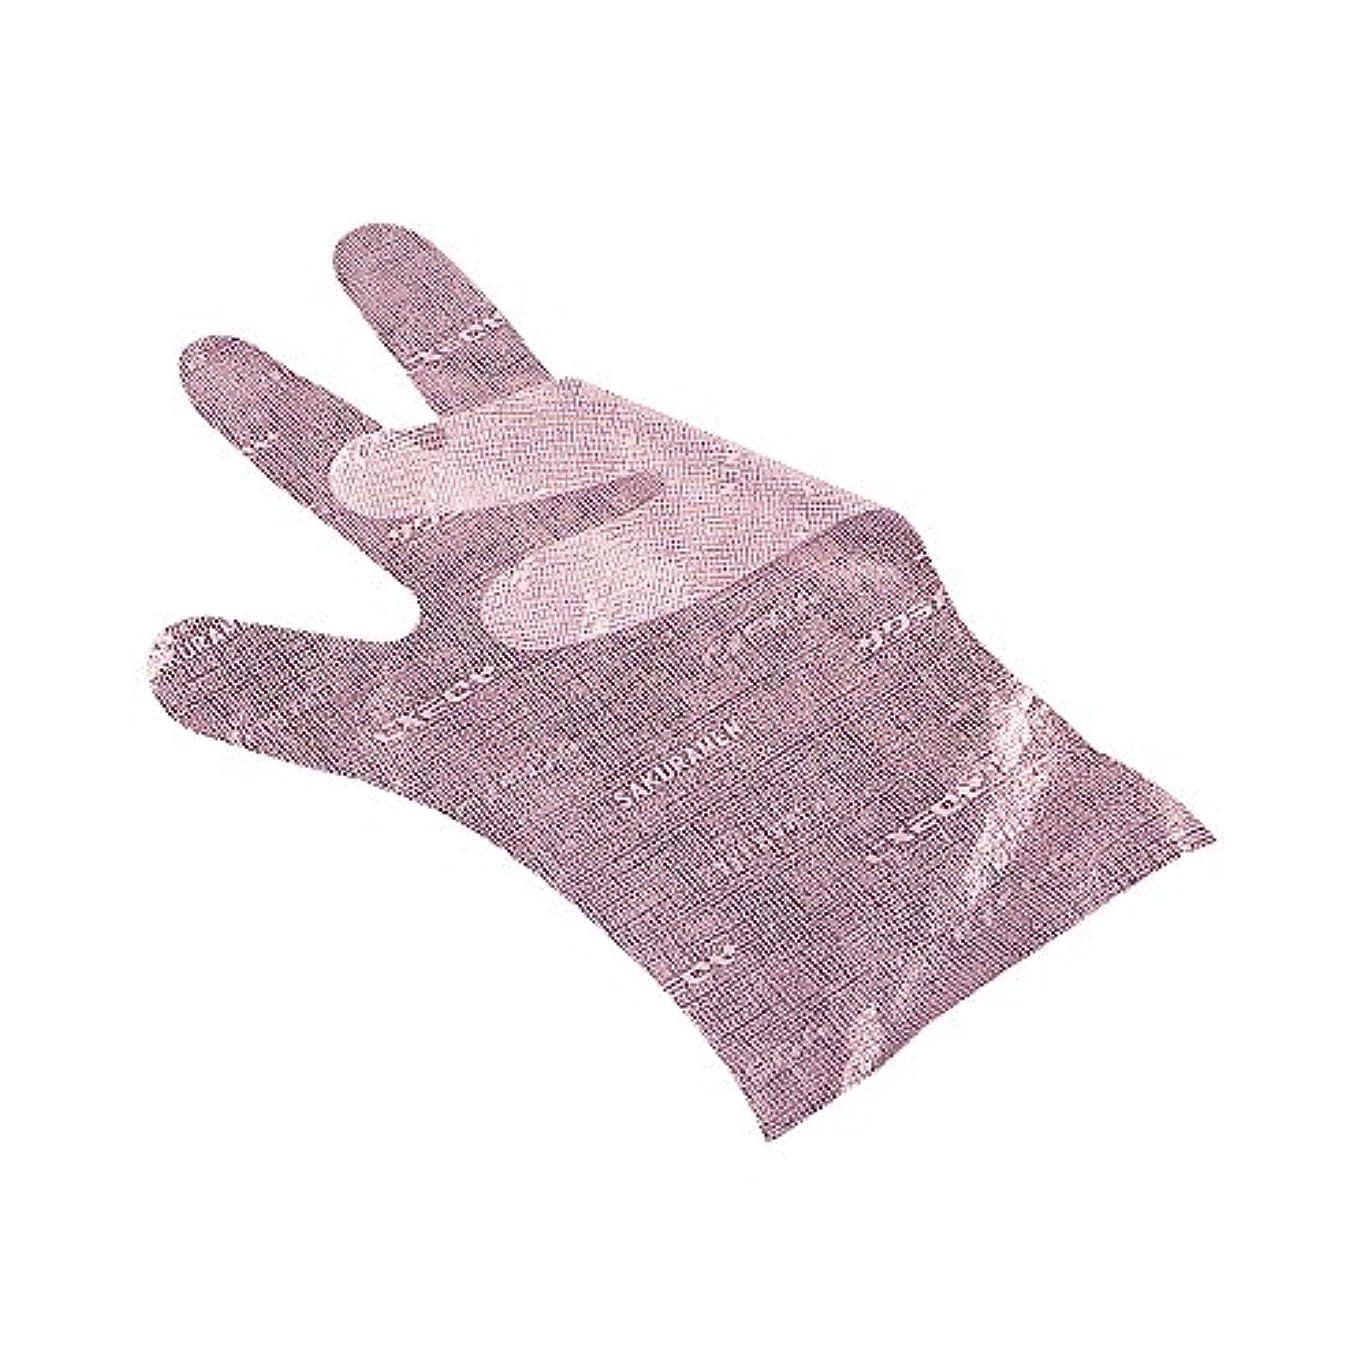 問題泳ぐキャラクターサクラメンエンボス手袋 デラックス ピンク M 100枚入